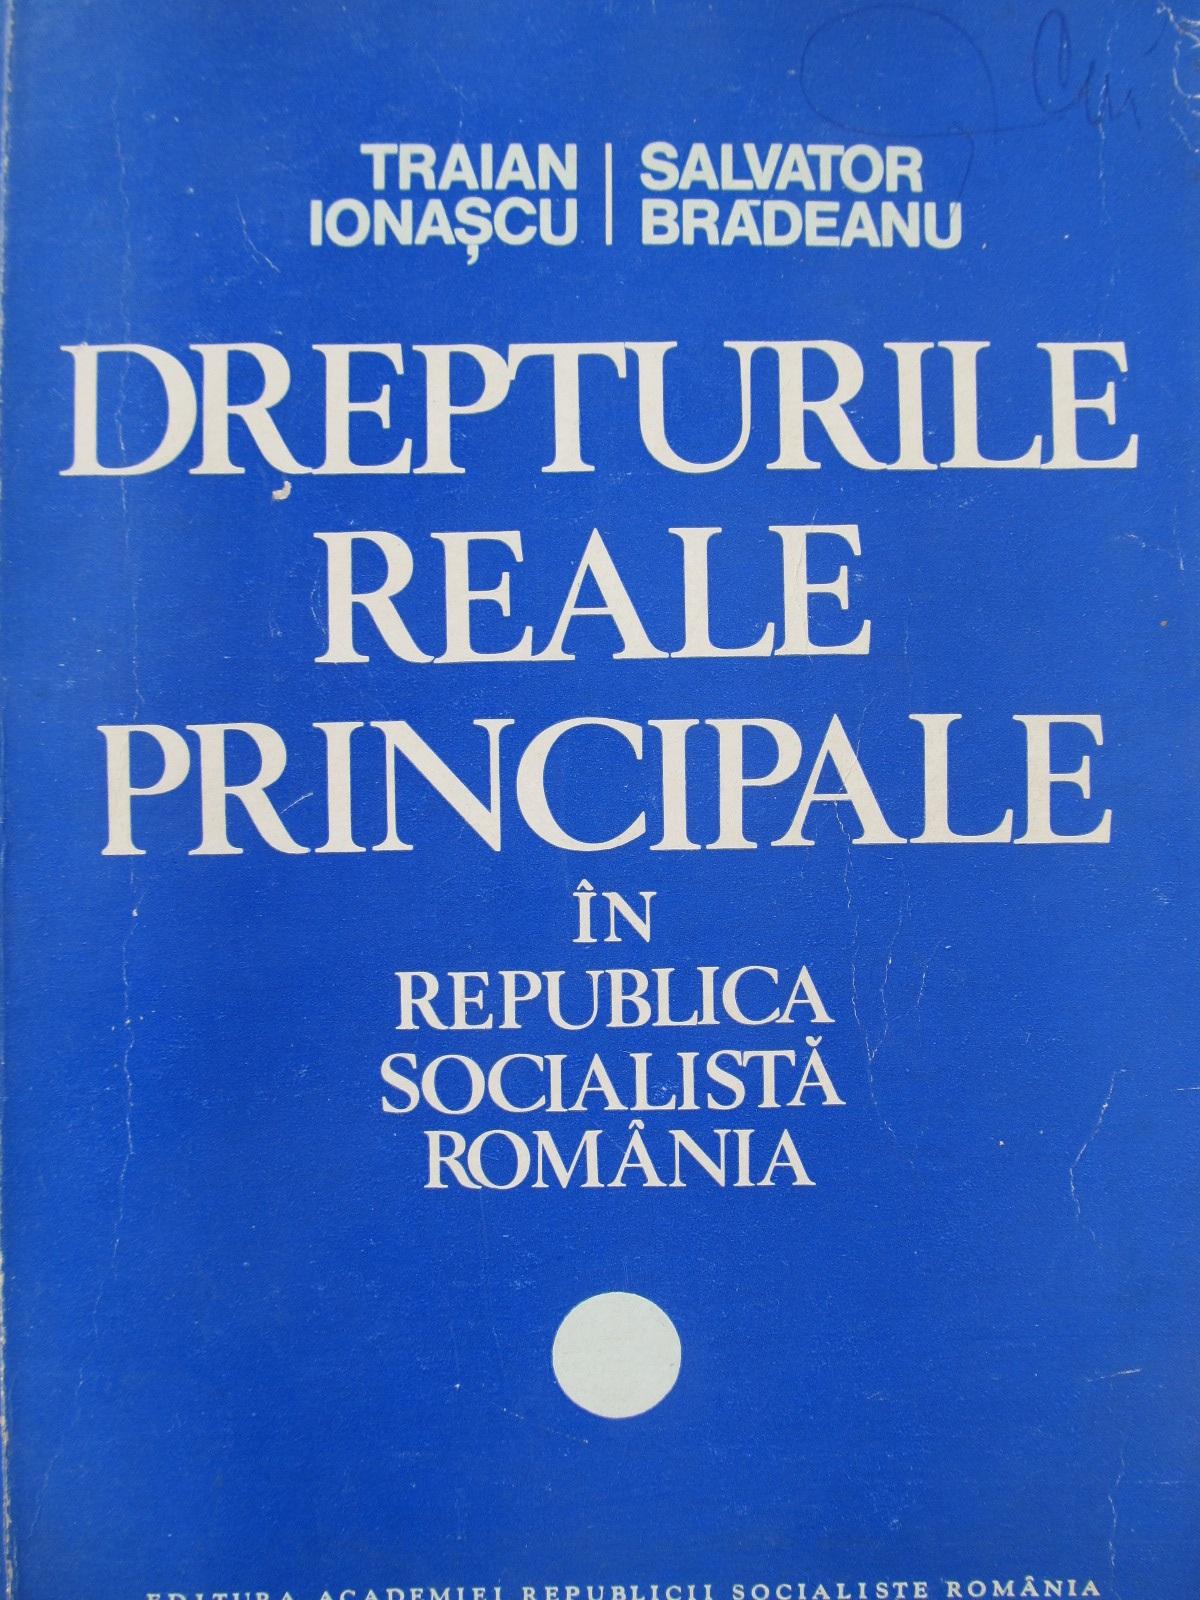 Drepturile reale principale in Republica Socialista Romania - Traian Ionascu , Salvator Brateanu | Detalii carte